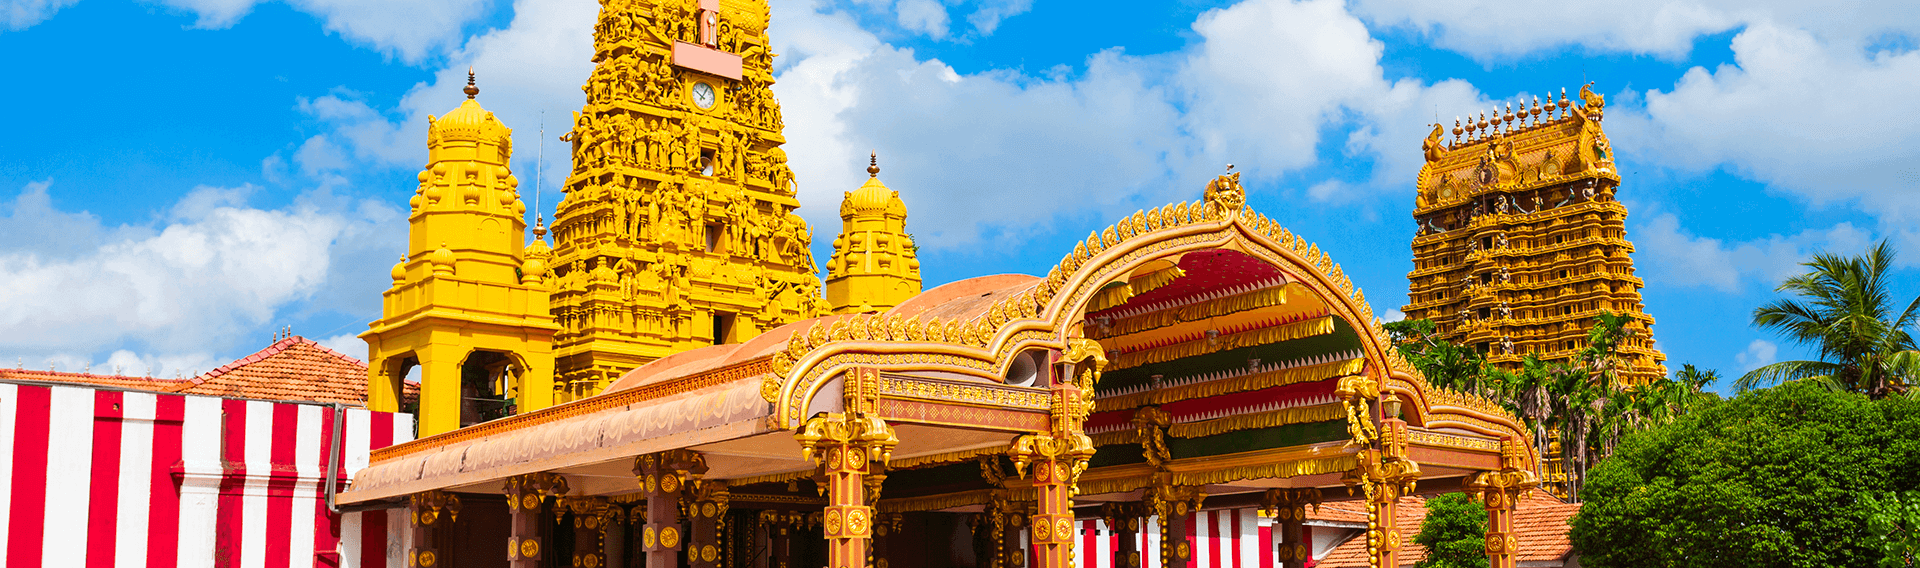 Sri Lanka, Jaffna, Temple hindou